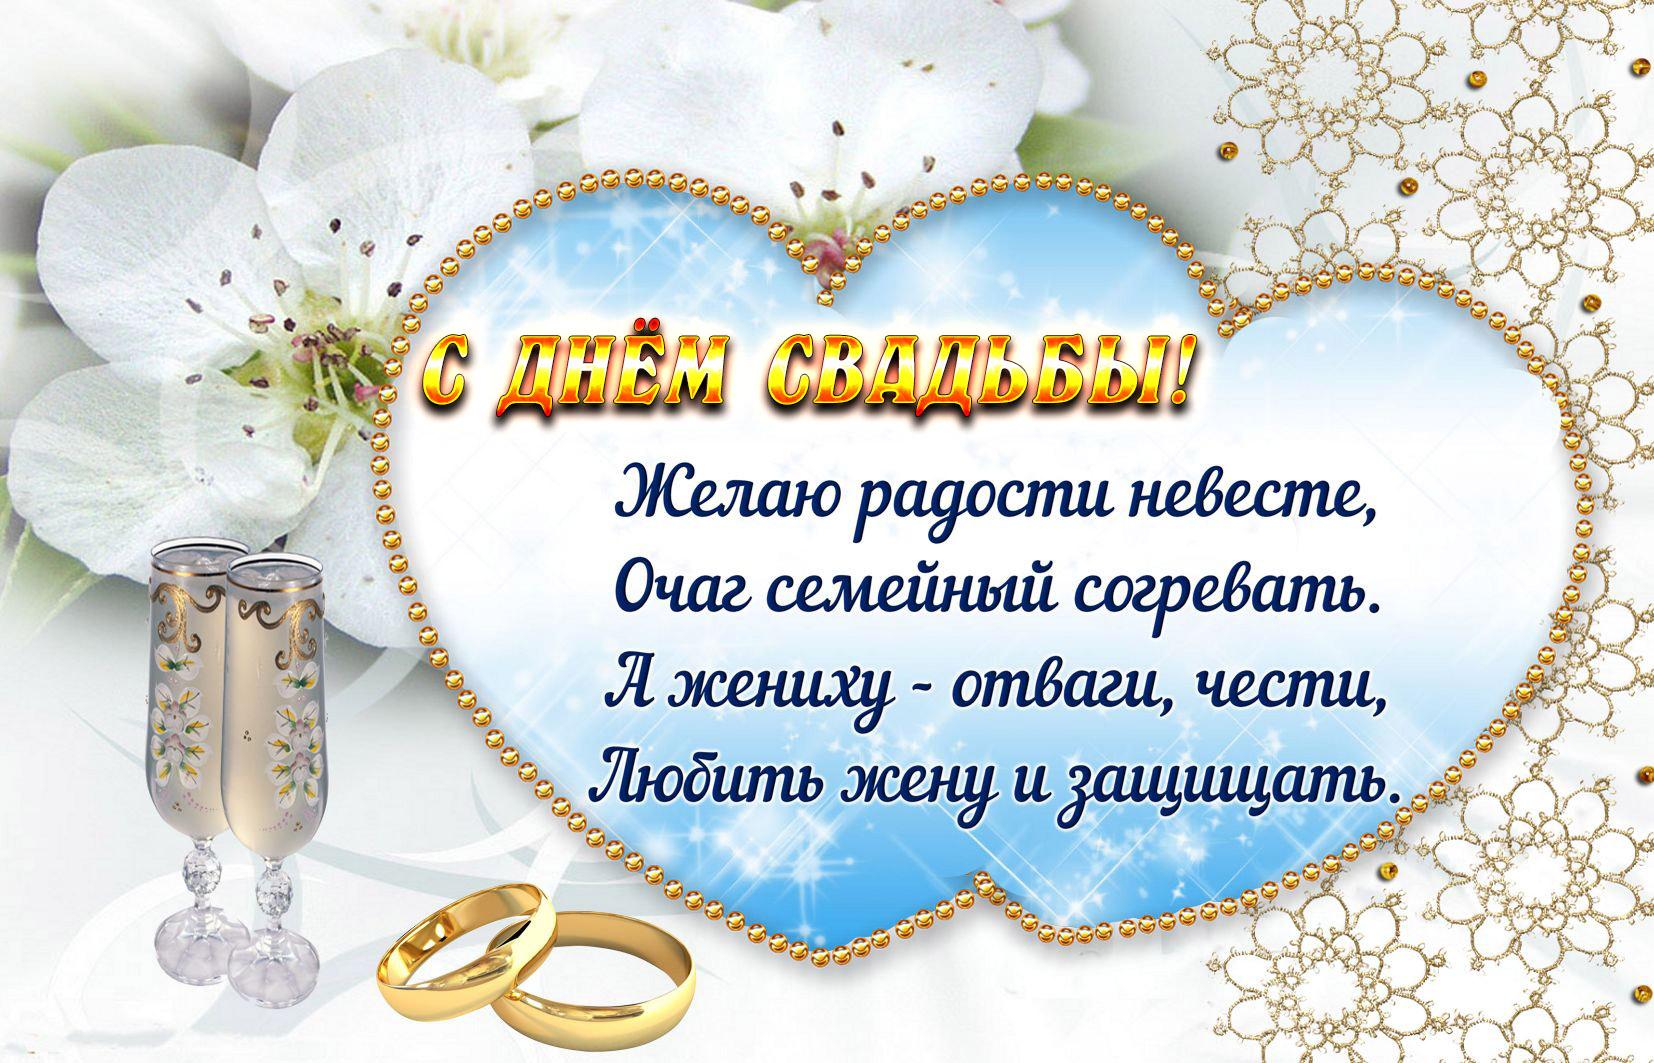 Поздравления со свадьбой короткие прикольные другу